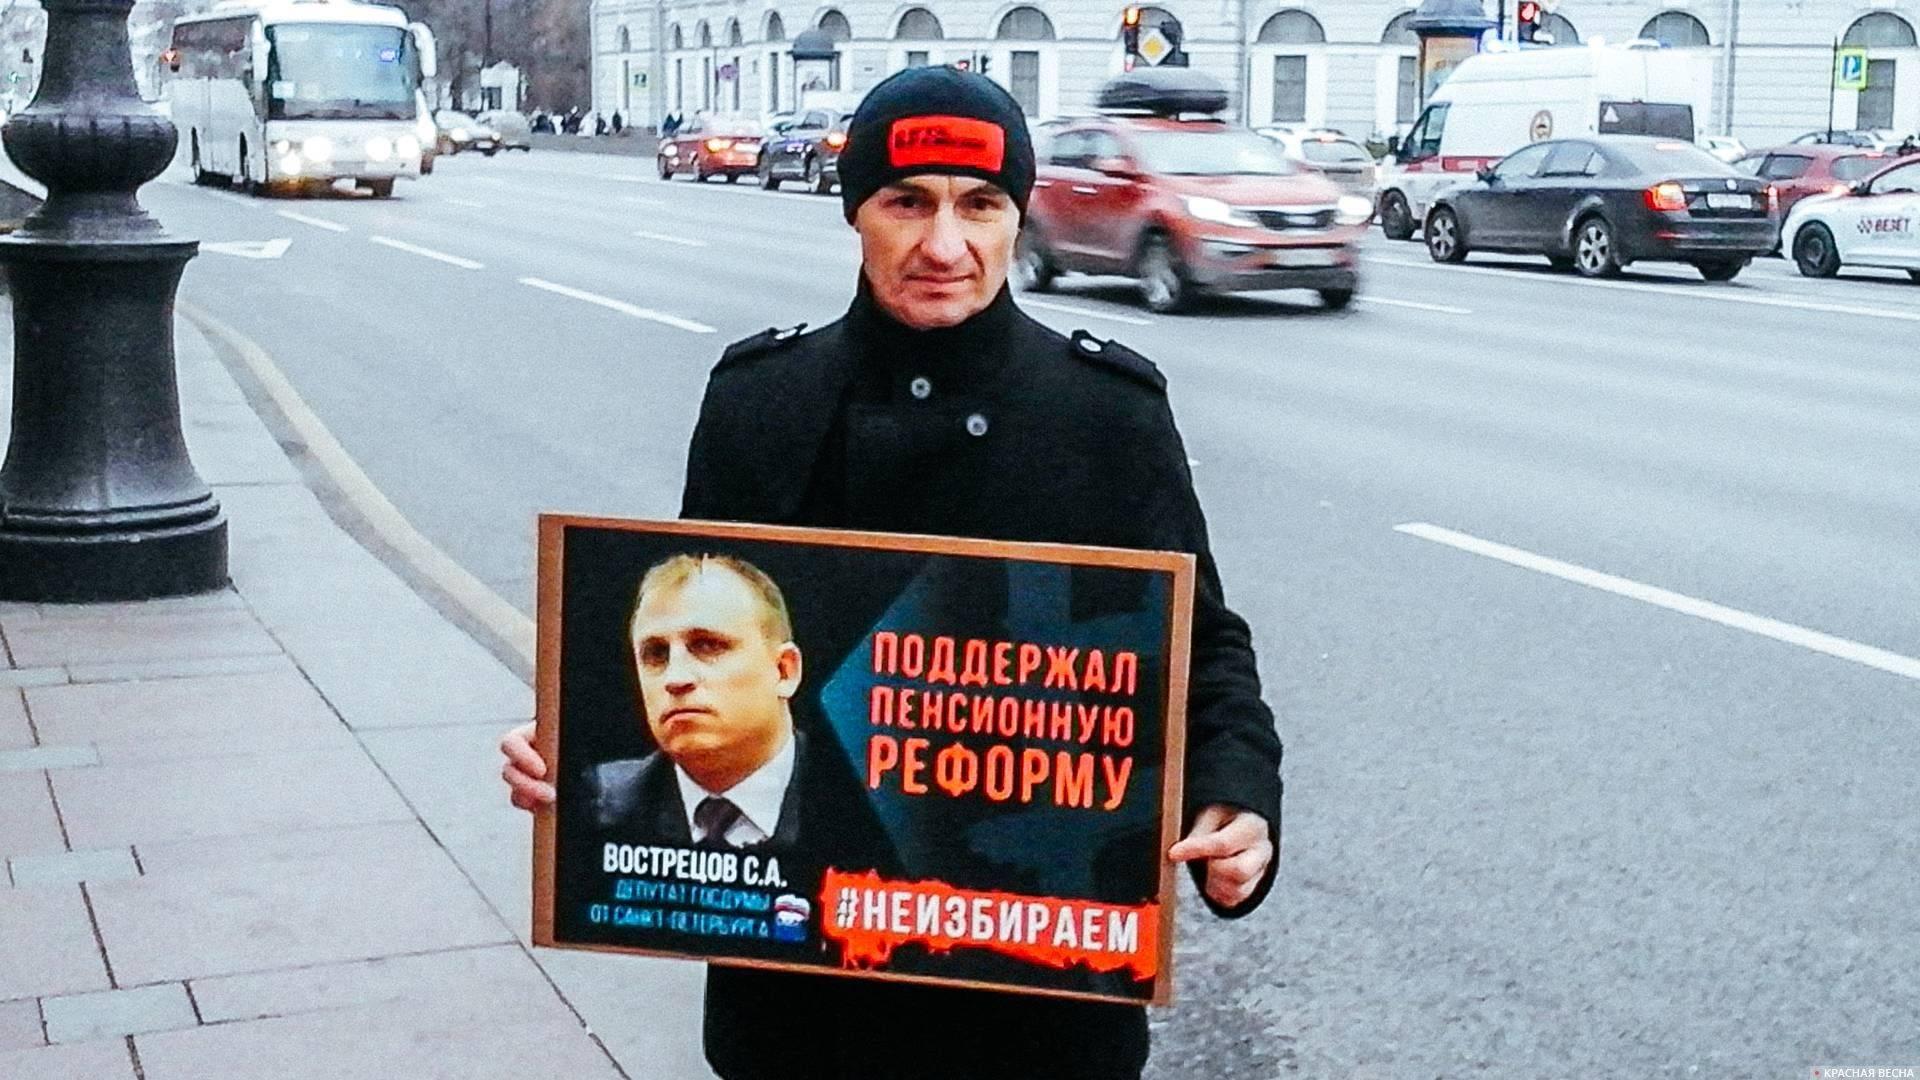 Жители РФ лицезреют депутатов–запенсионщиков: #неизбираем шагает по стране